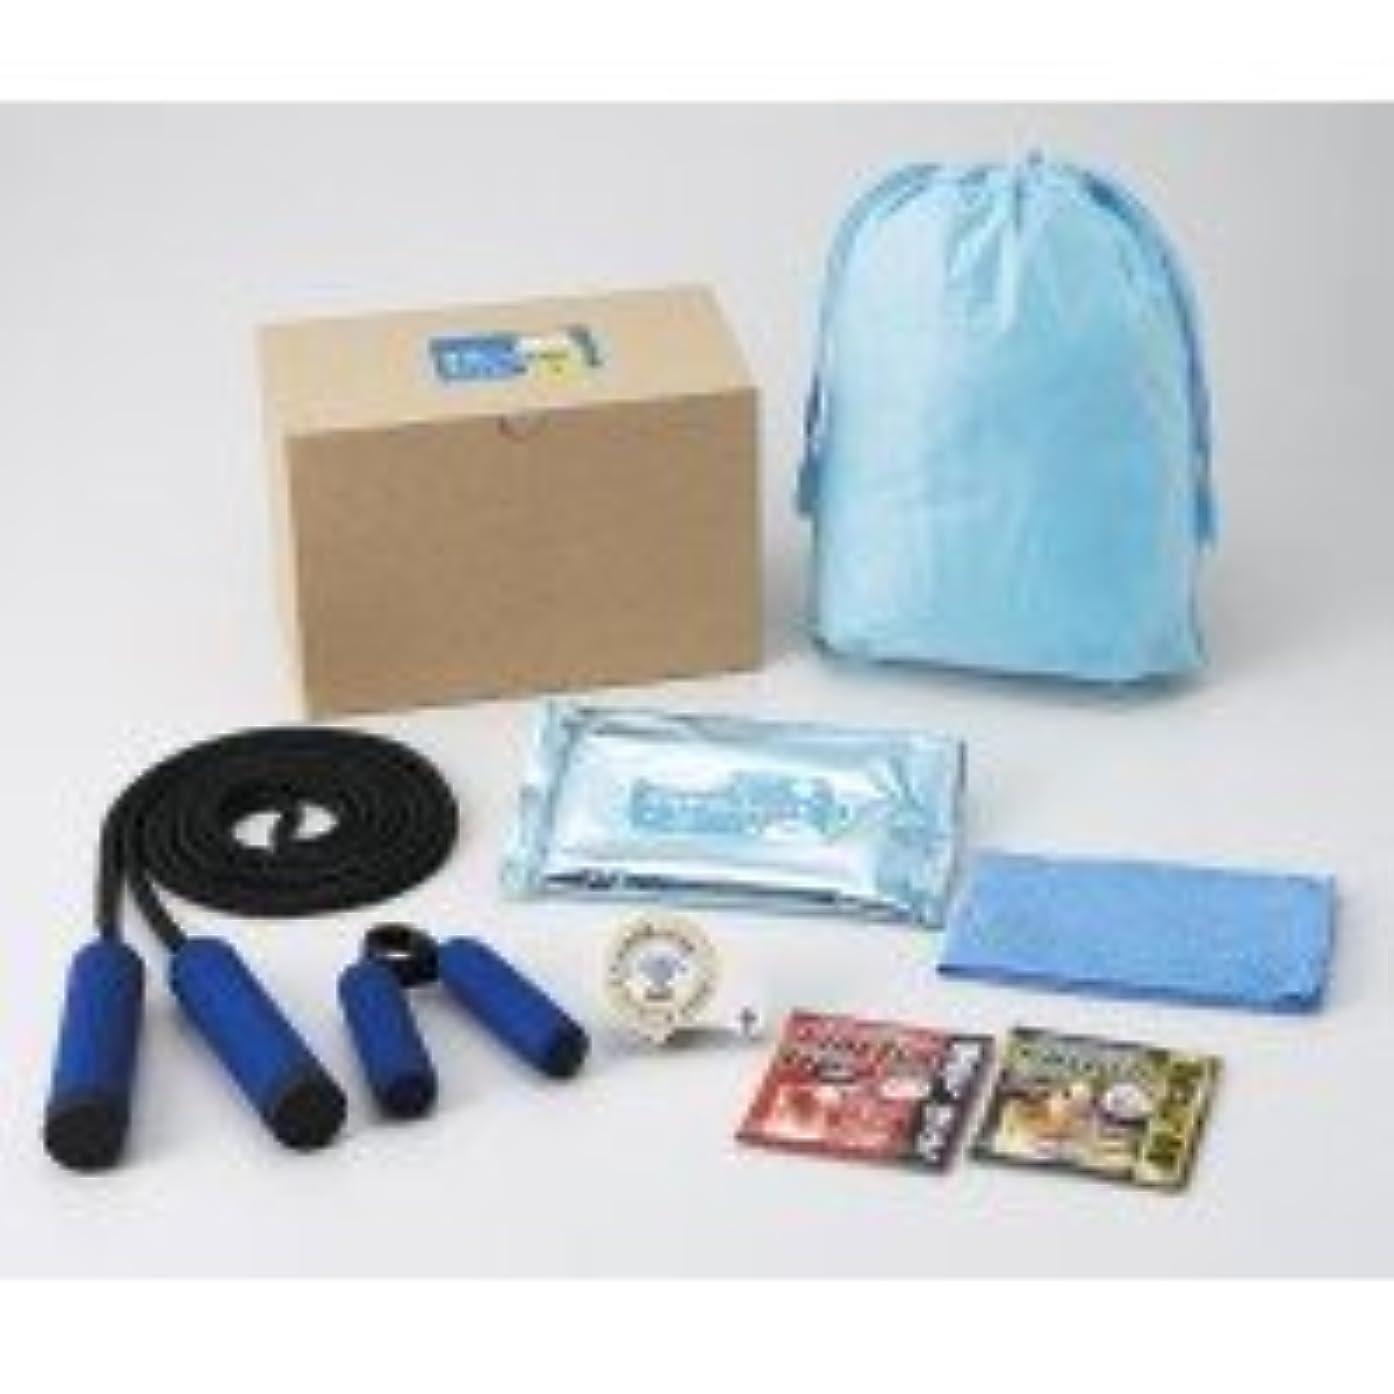 機械的に製造業ホット健康エクササイズ ボディケアセット304 55-304